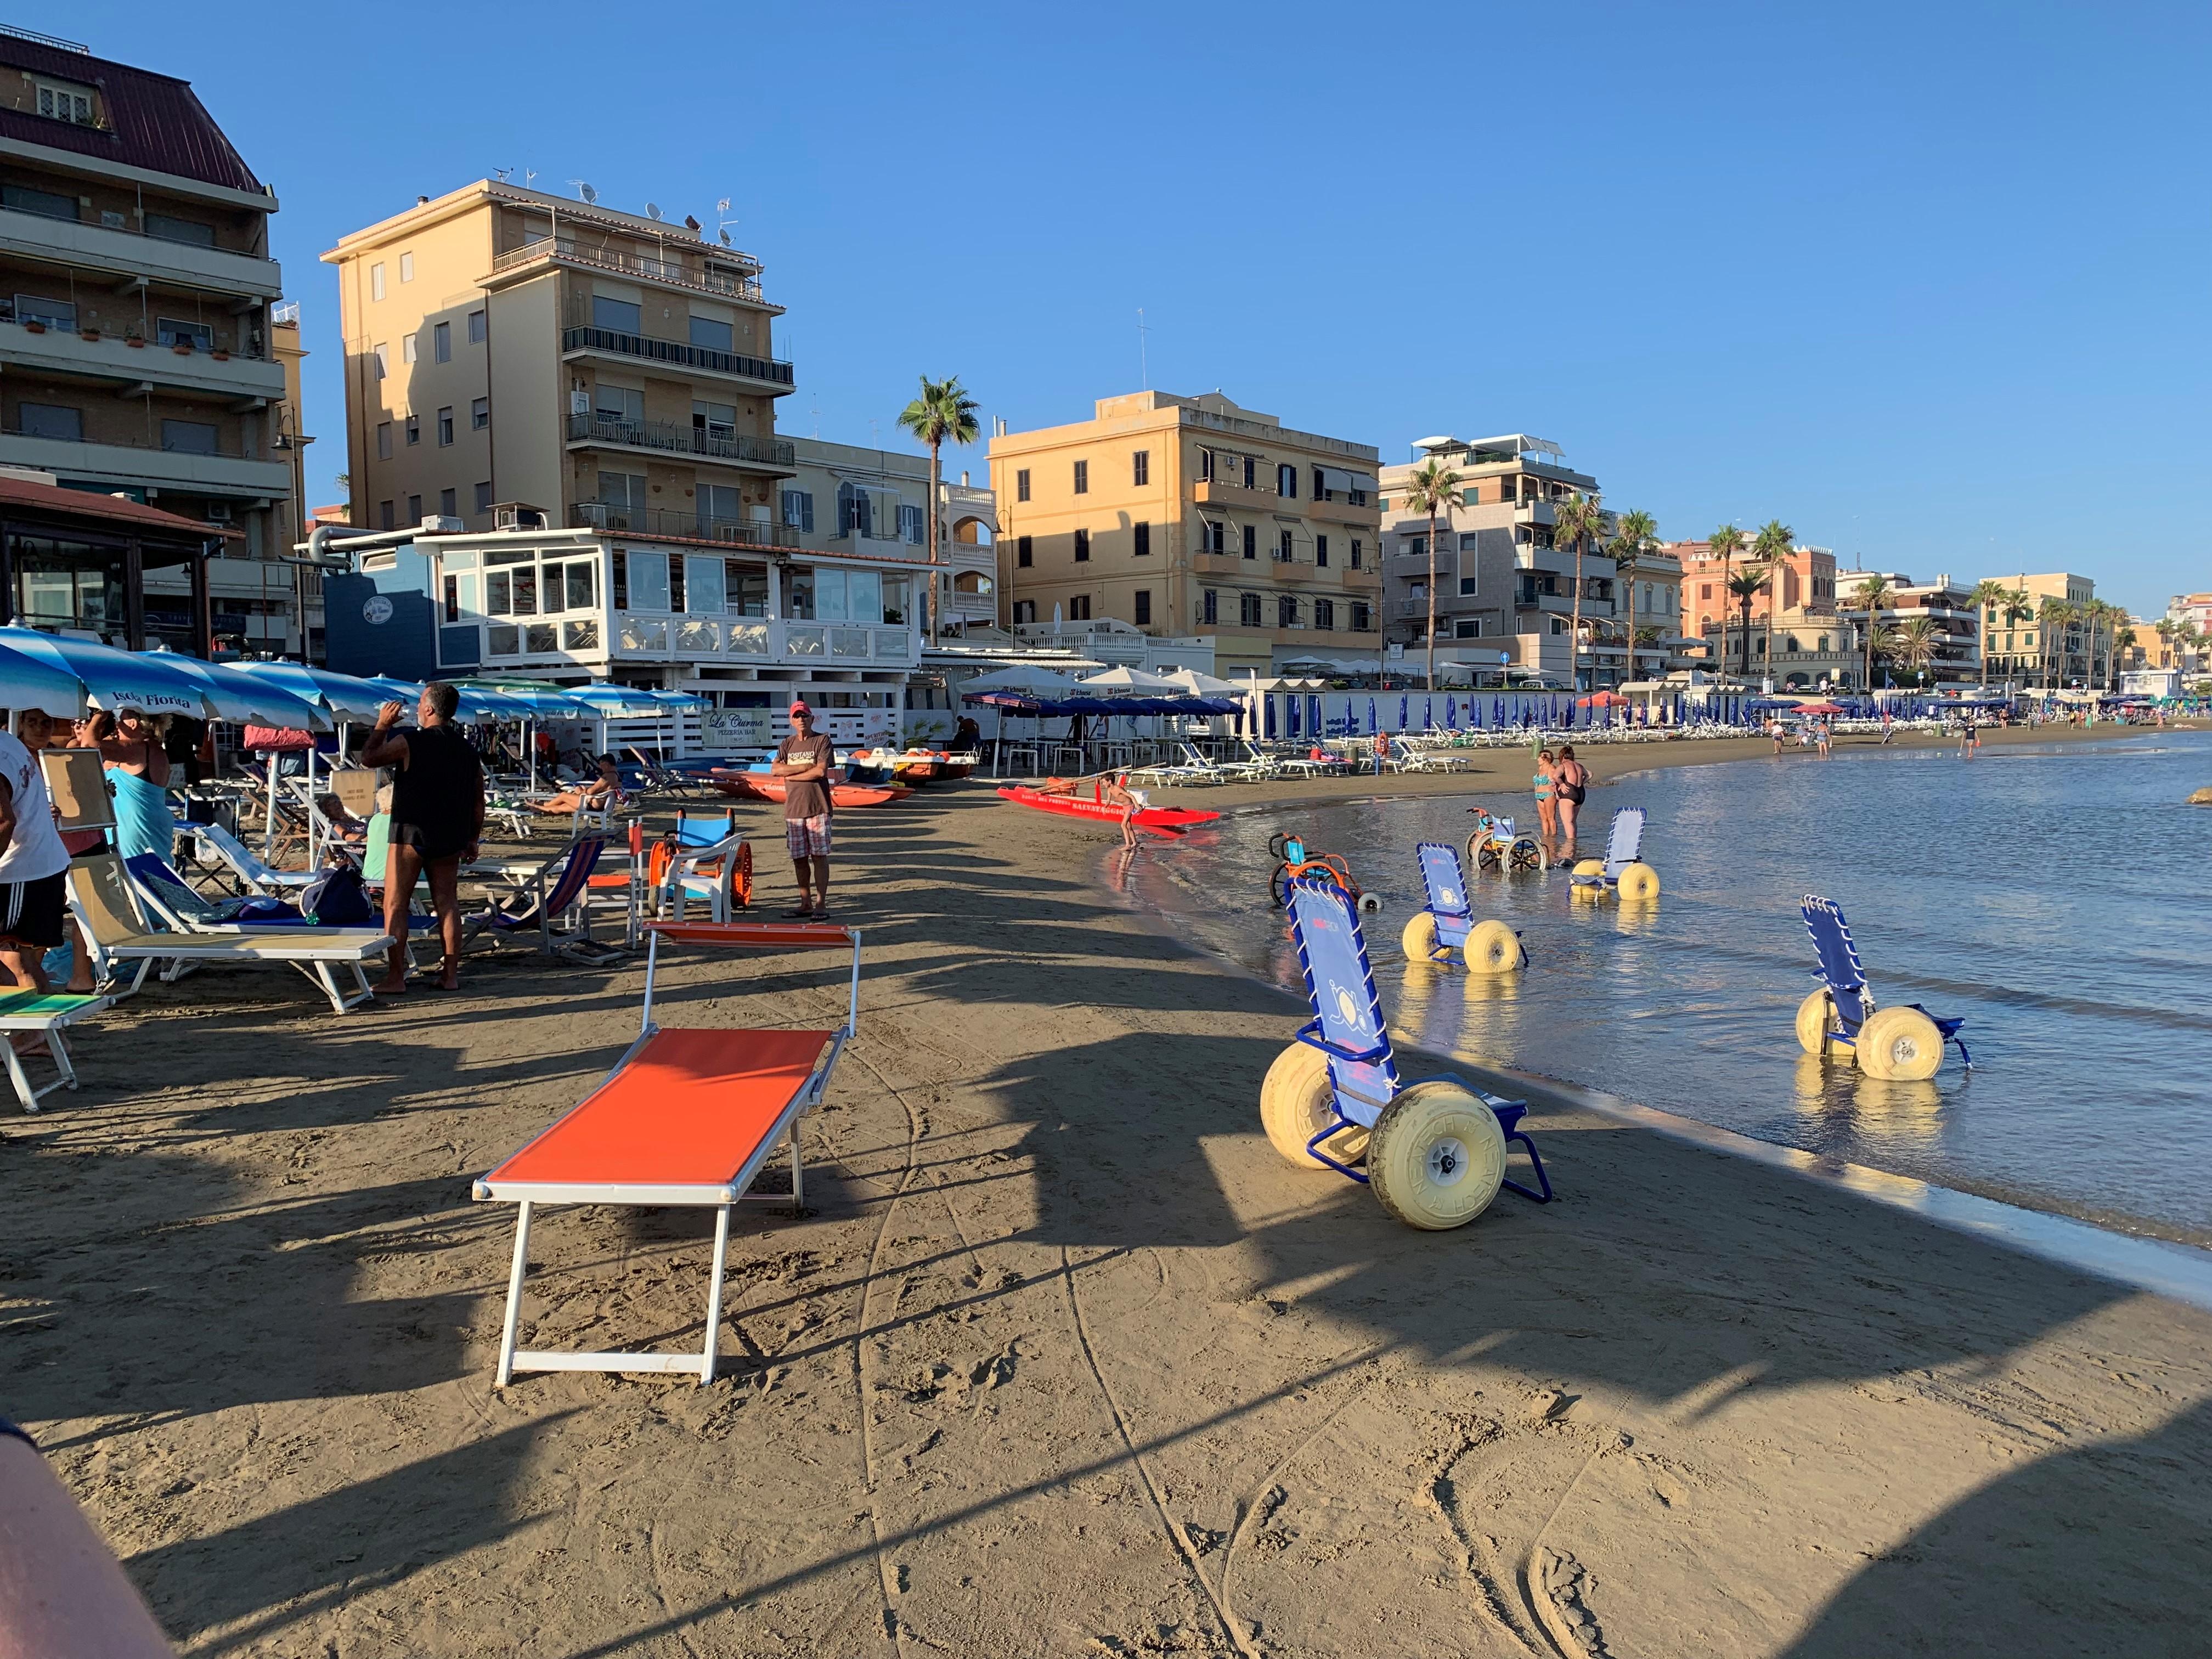 la girandola beach, girandola beach, spiaggia la girandola beach, spiaggia disabili, la girandola beach anzio, spiaggia disabili Anzio, spiaggia disabili Roma